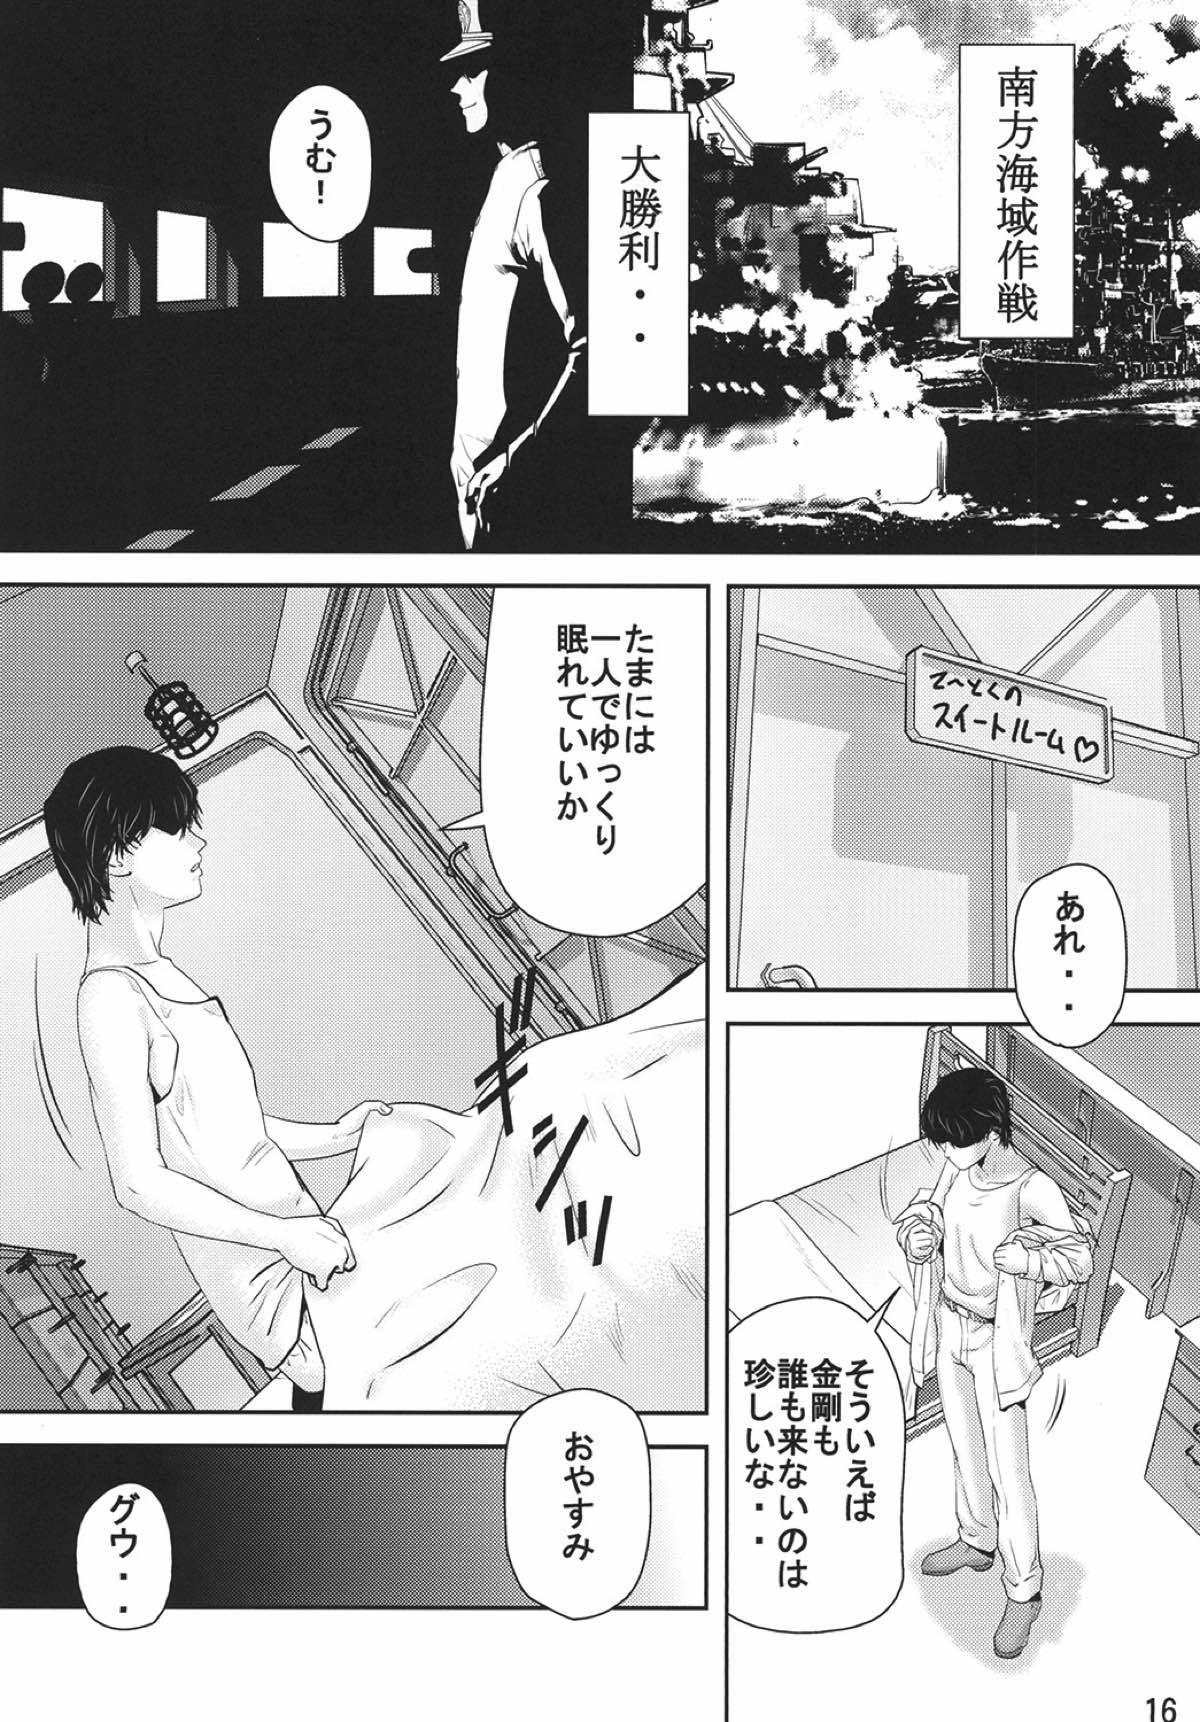 KanColle Yuugi 14